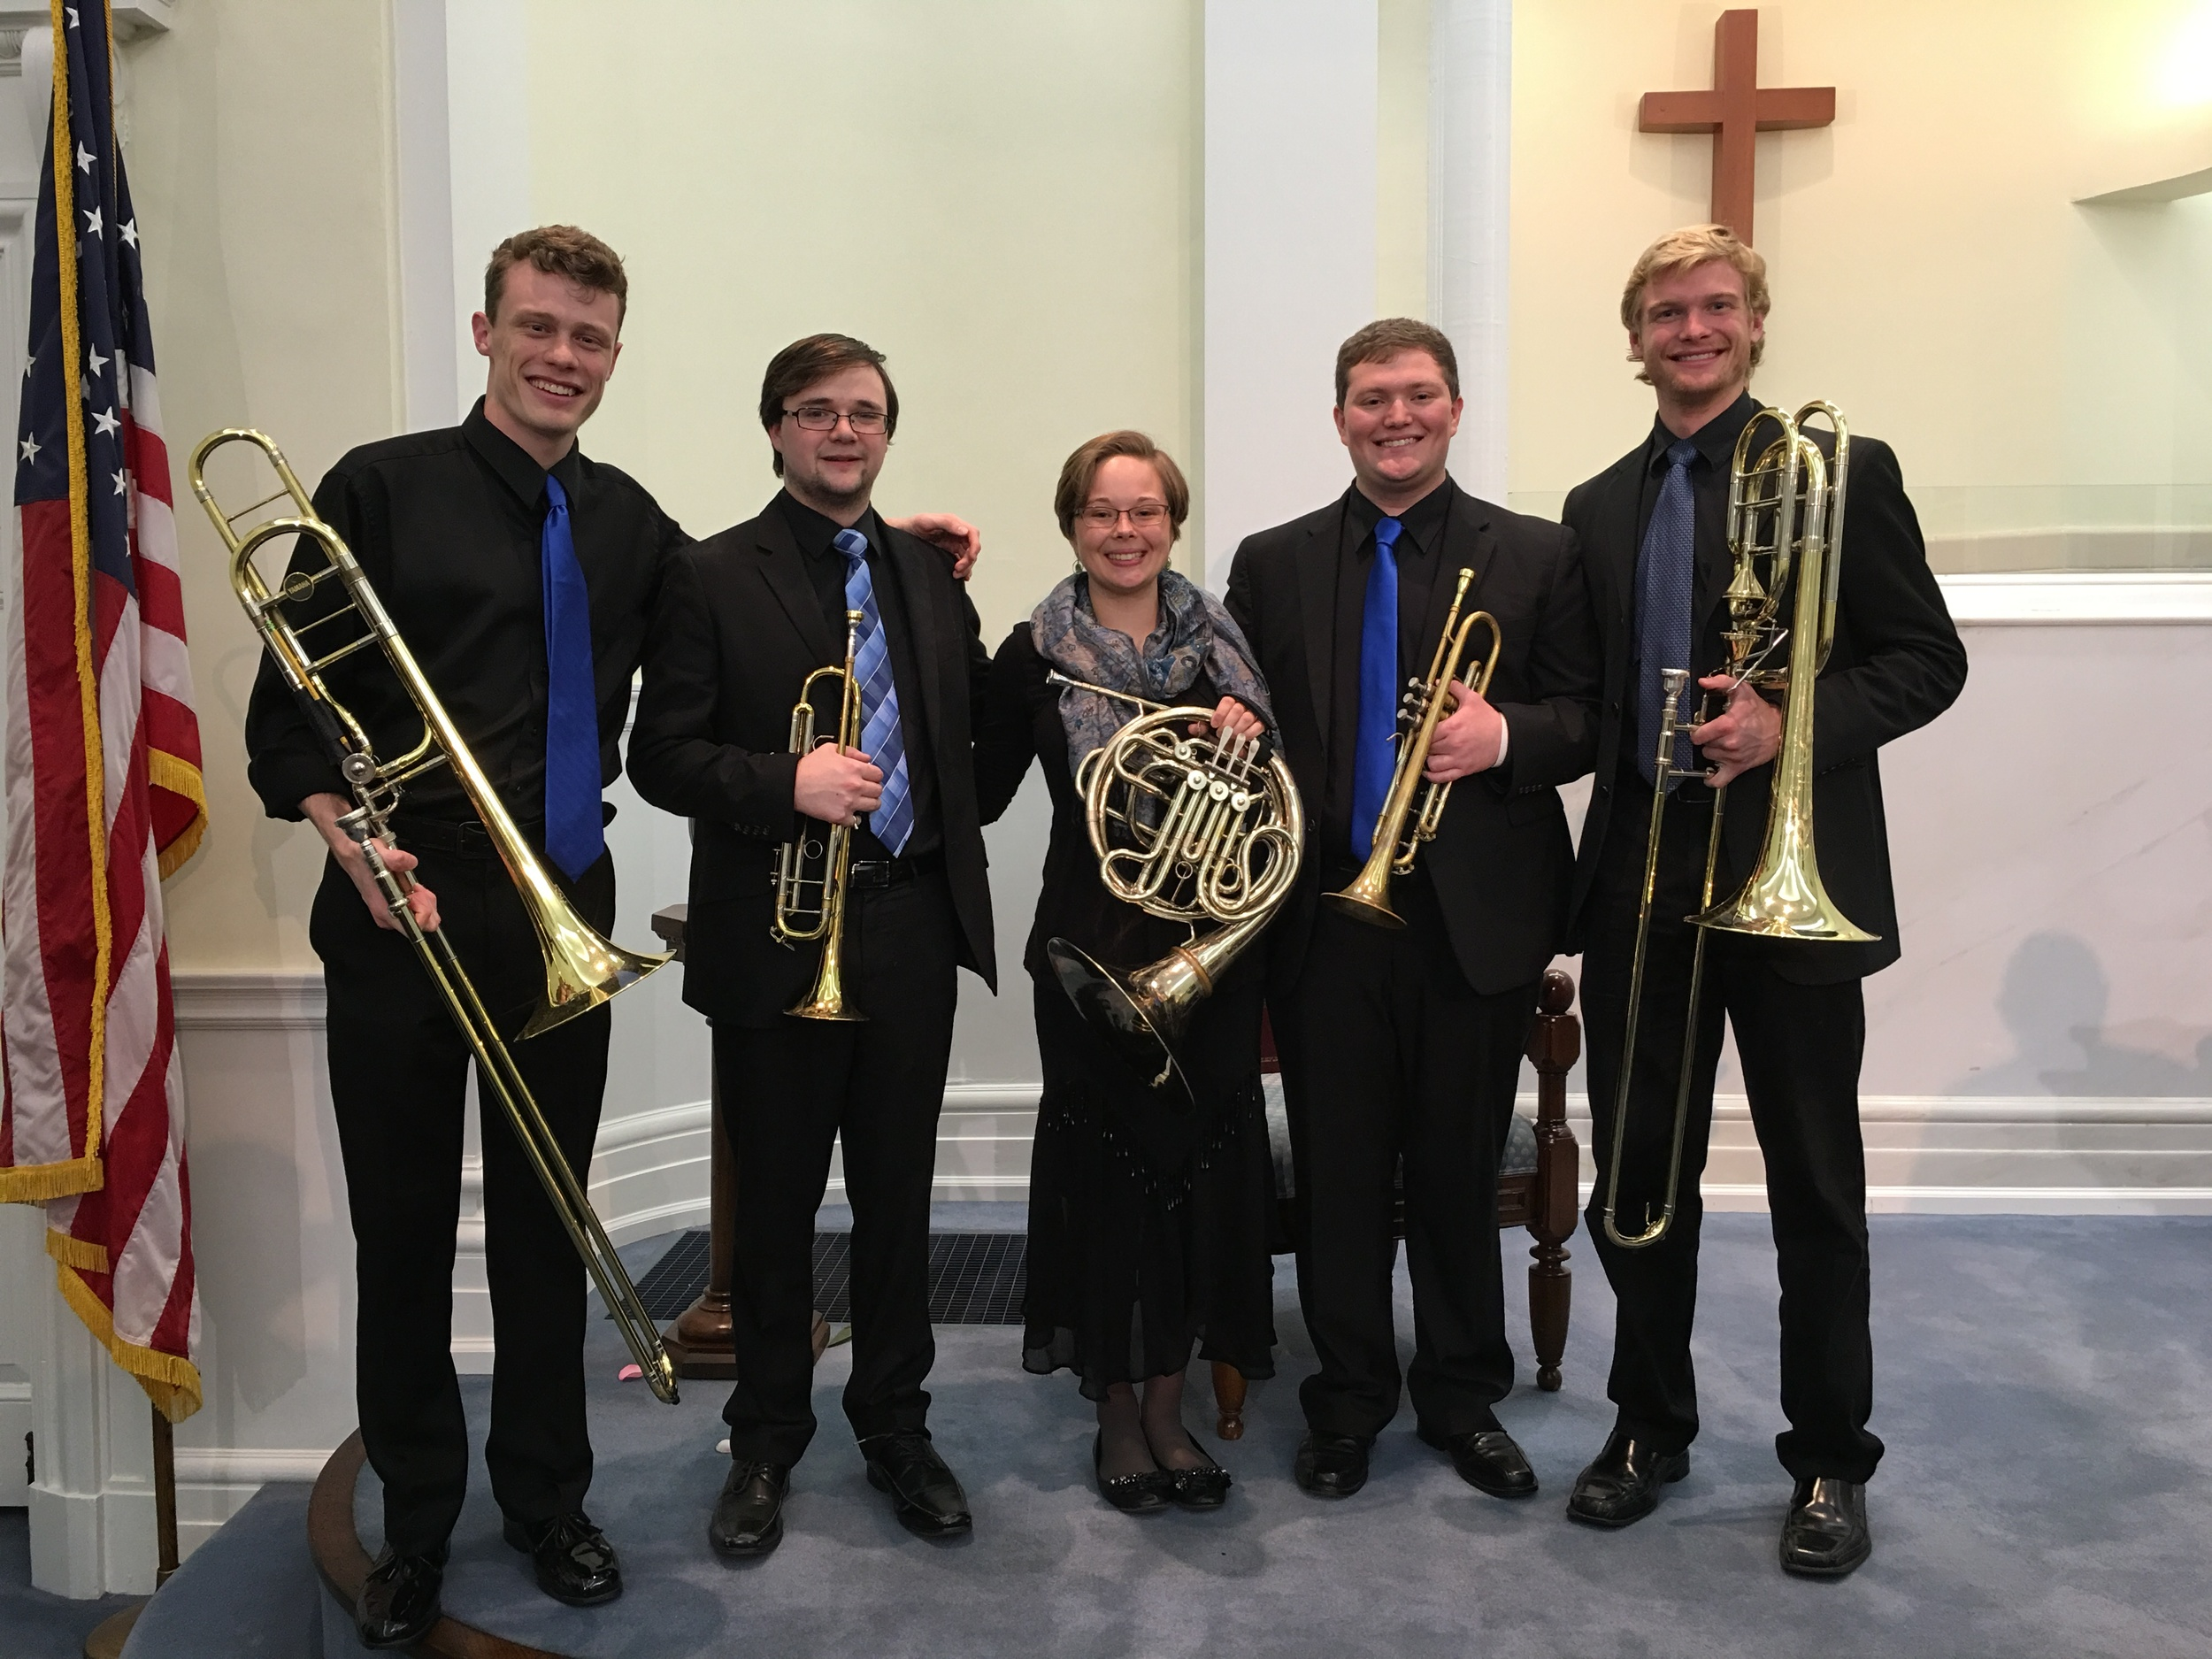 Blue River Brass Quintet